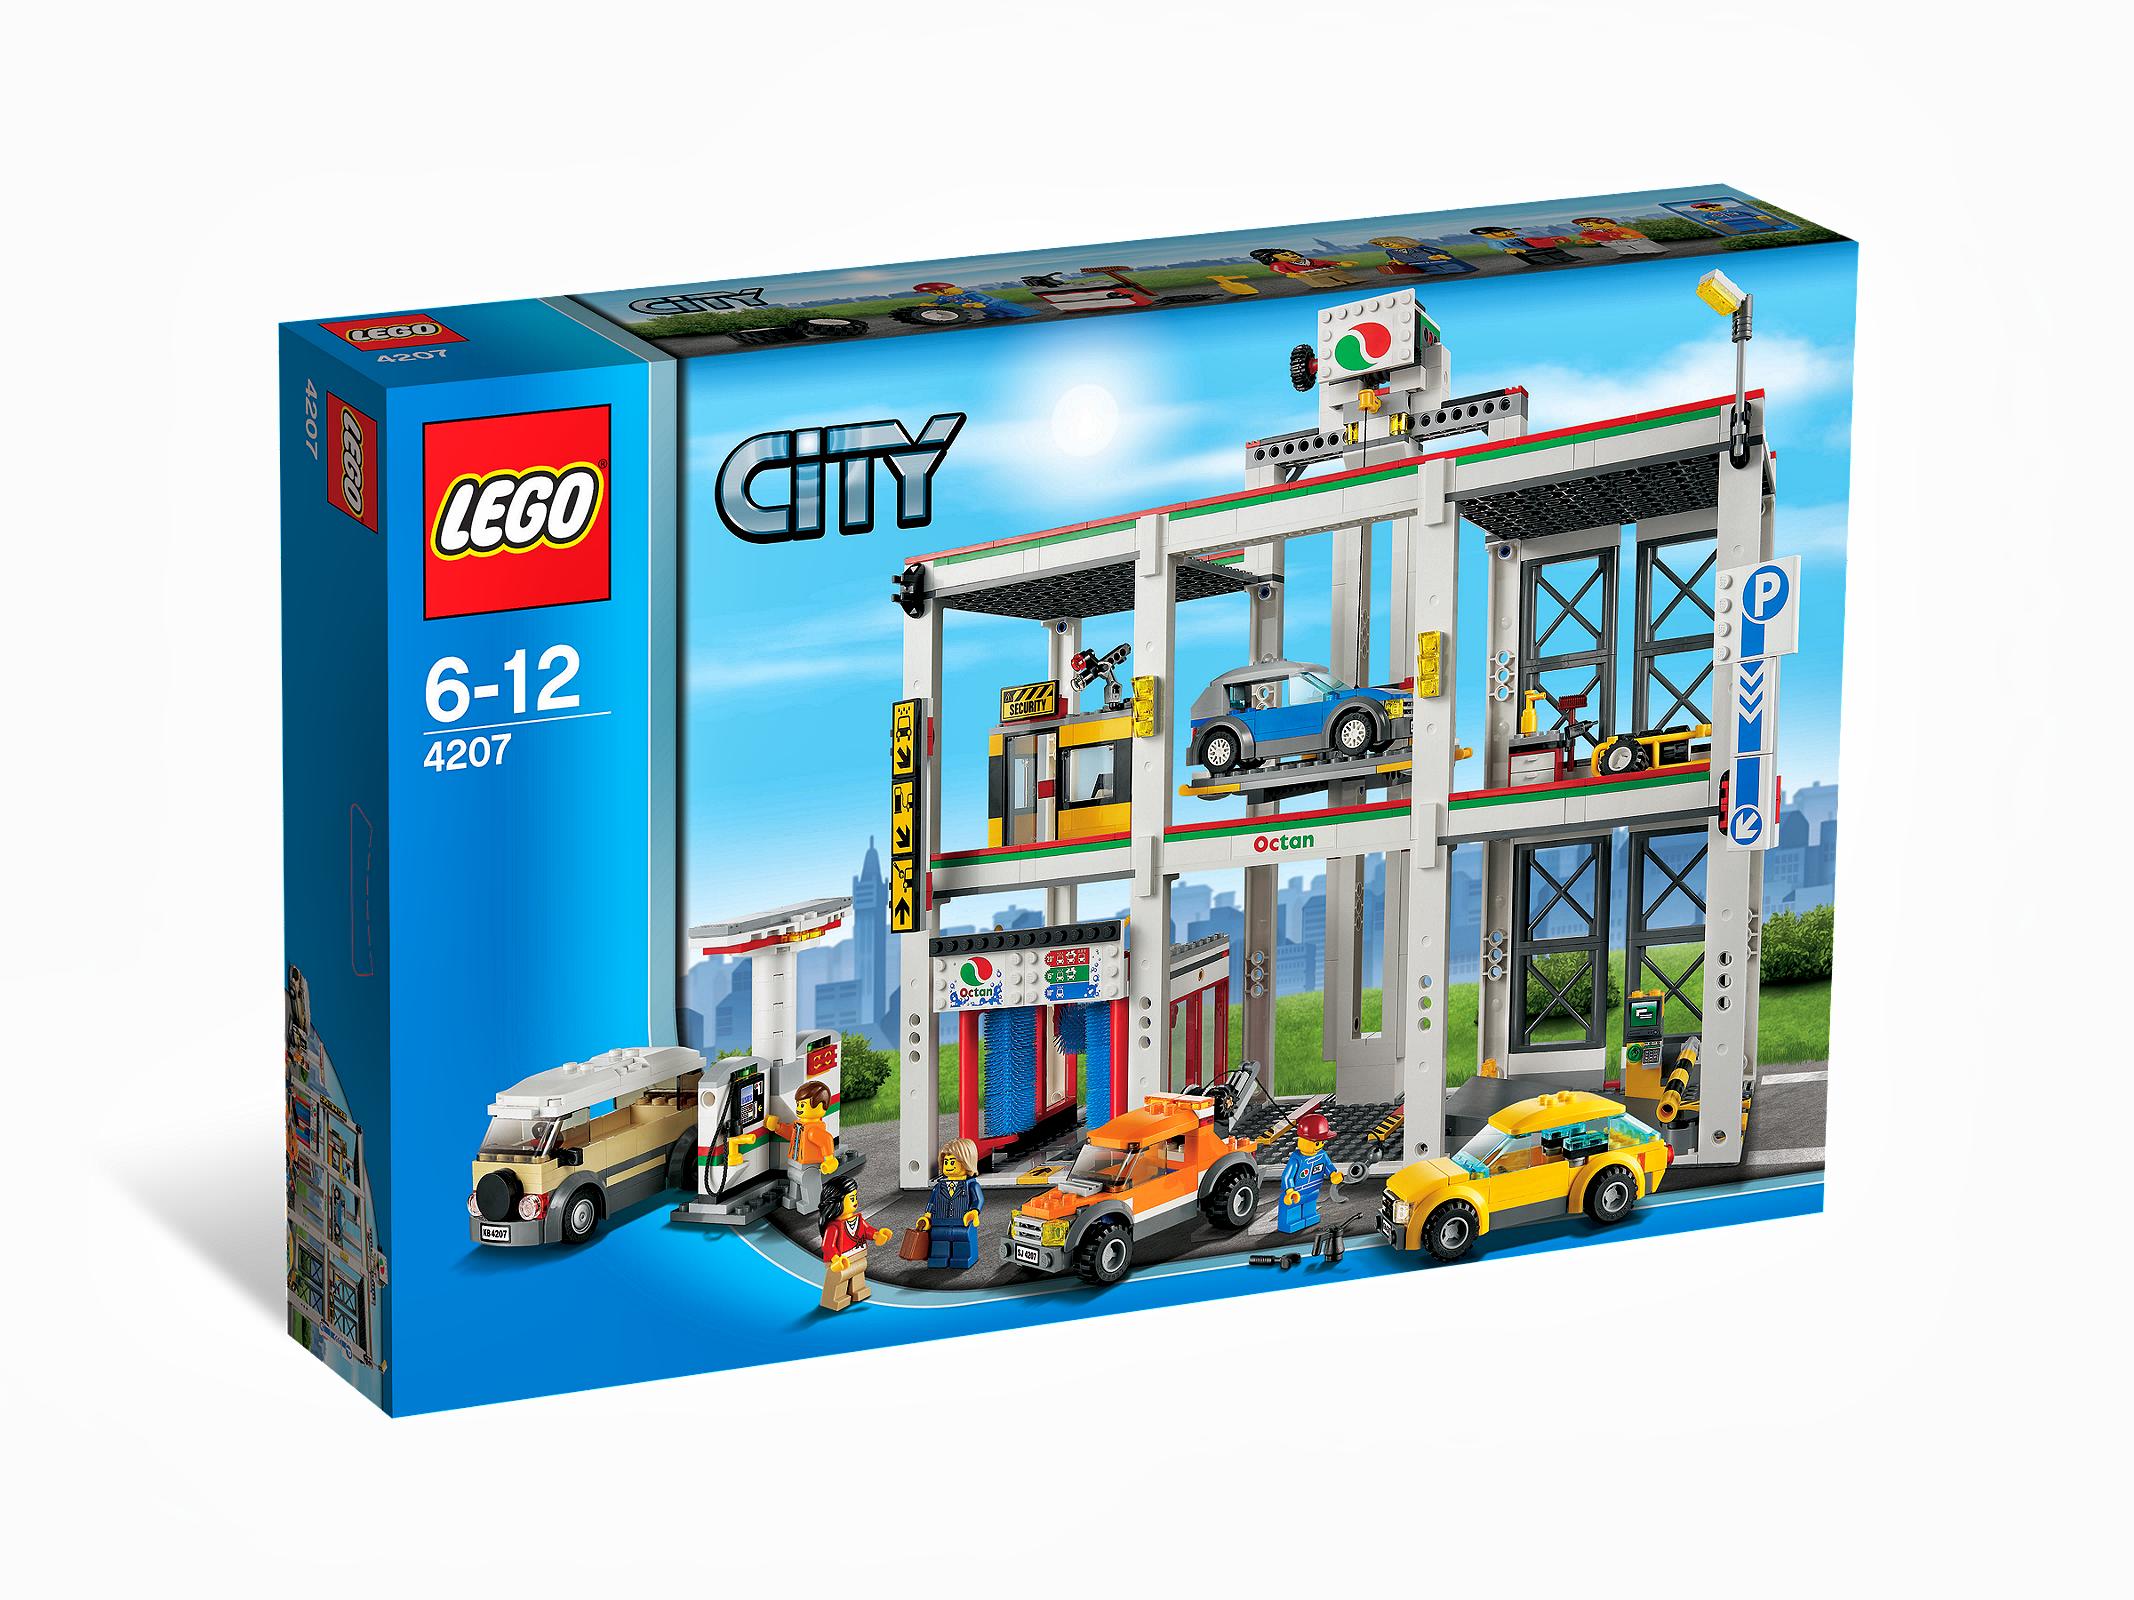 LEGO City Гараж (4207)